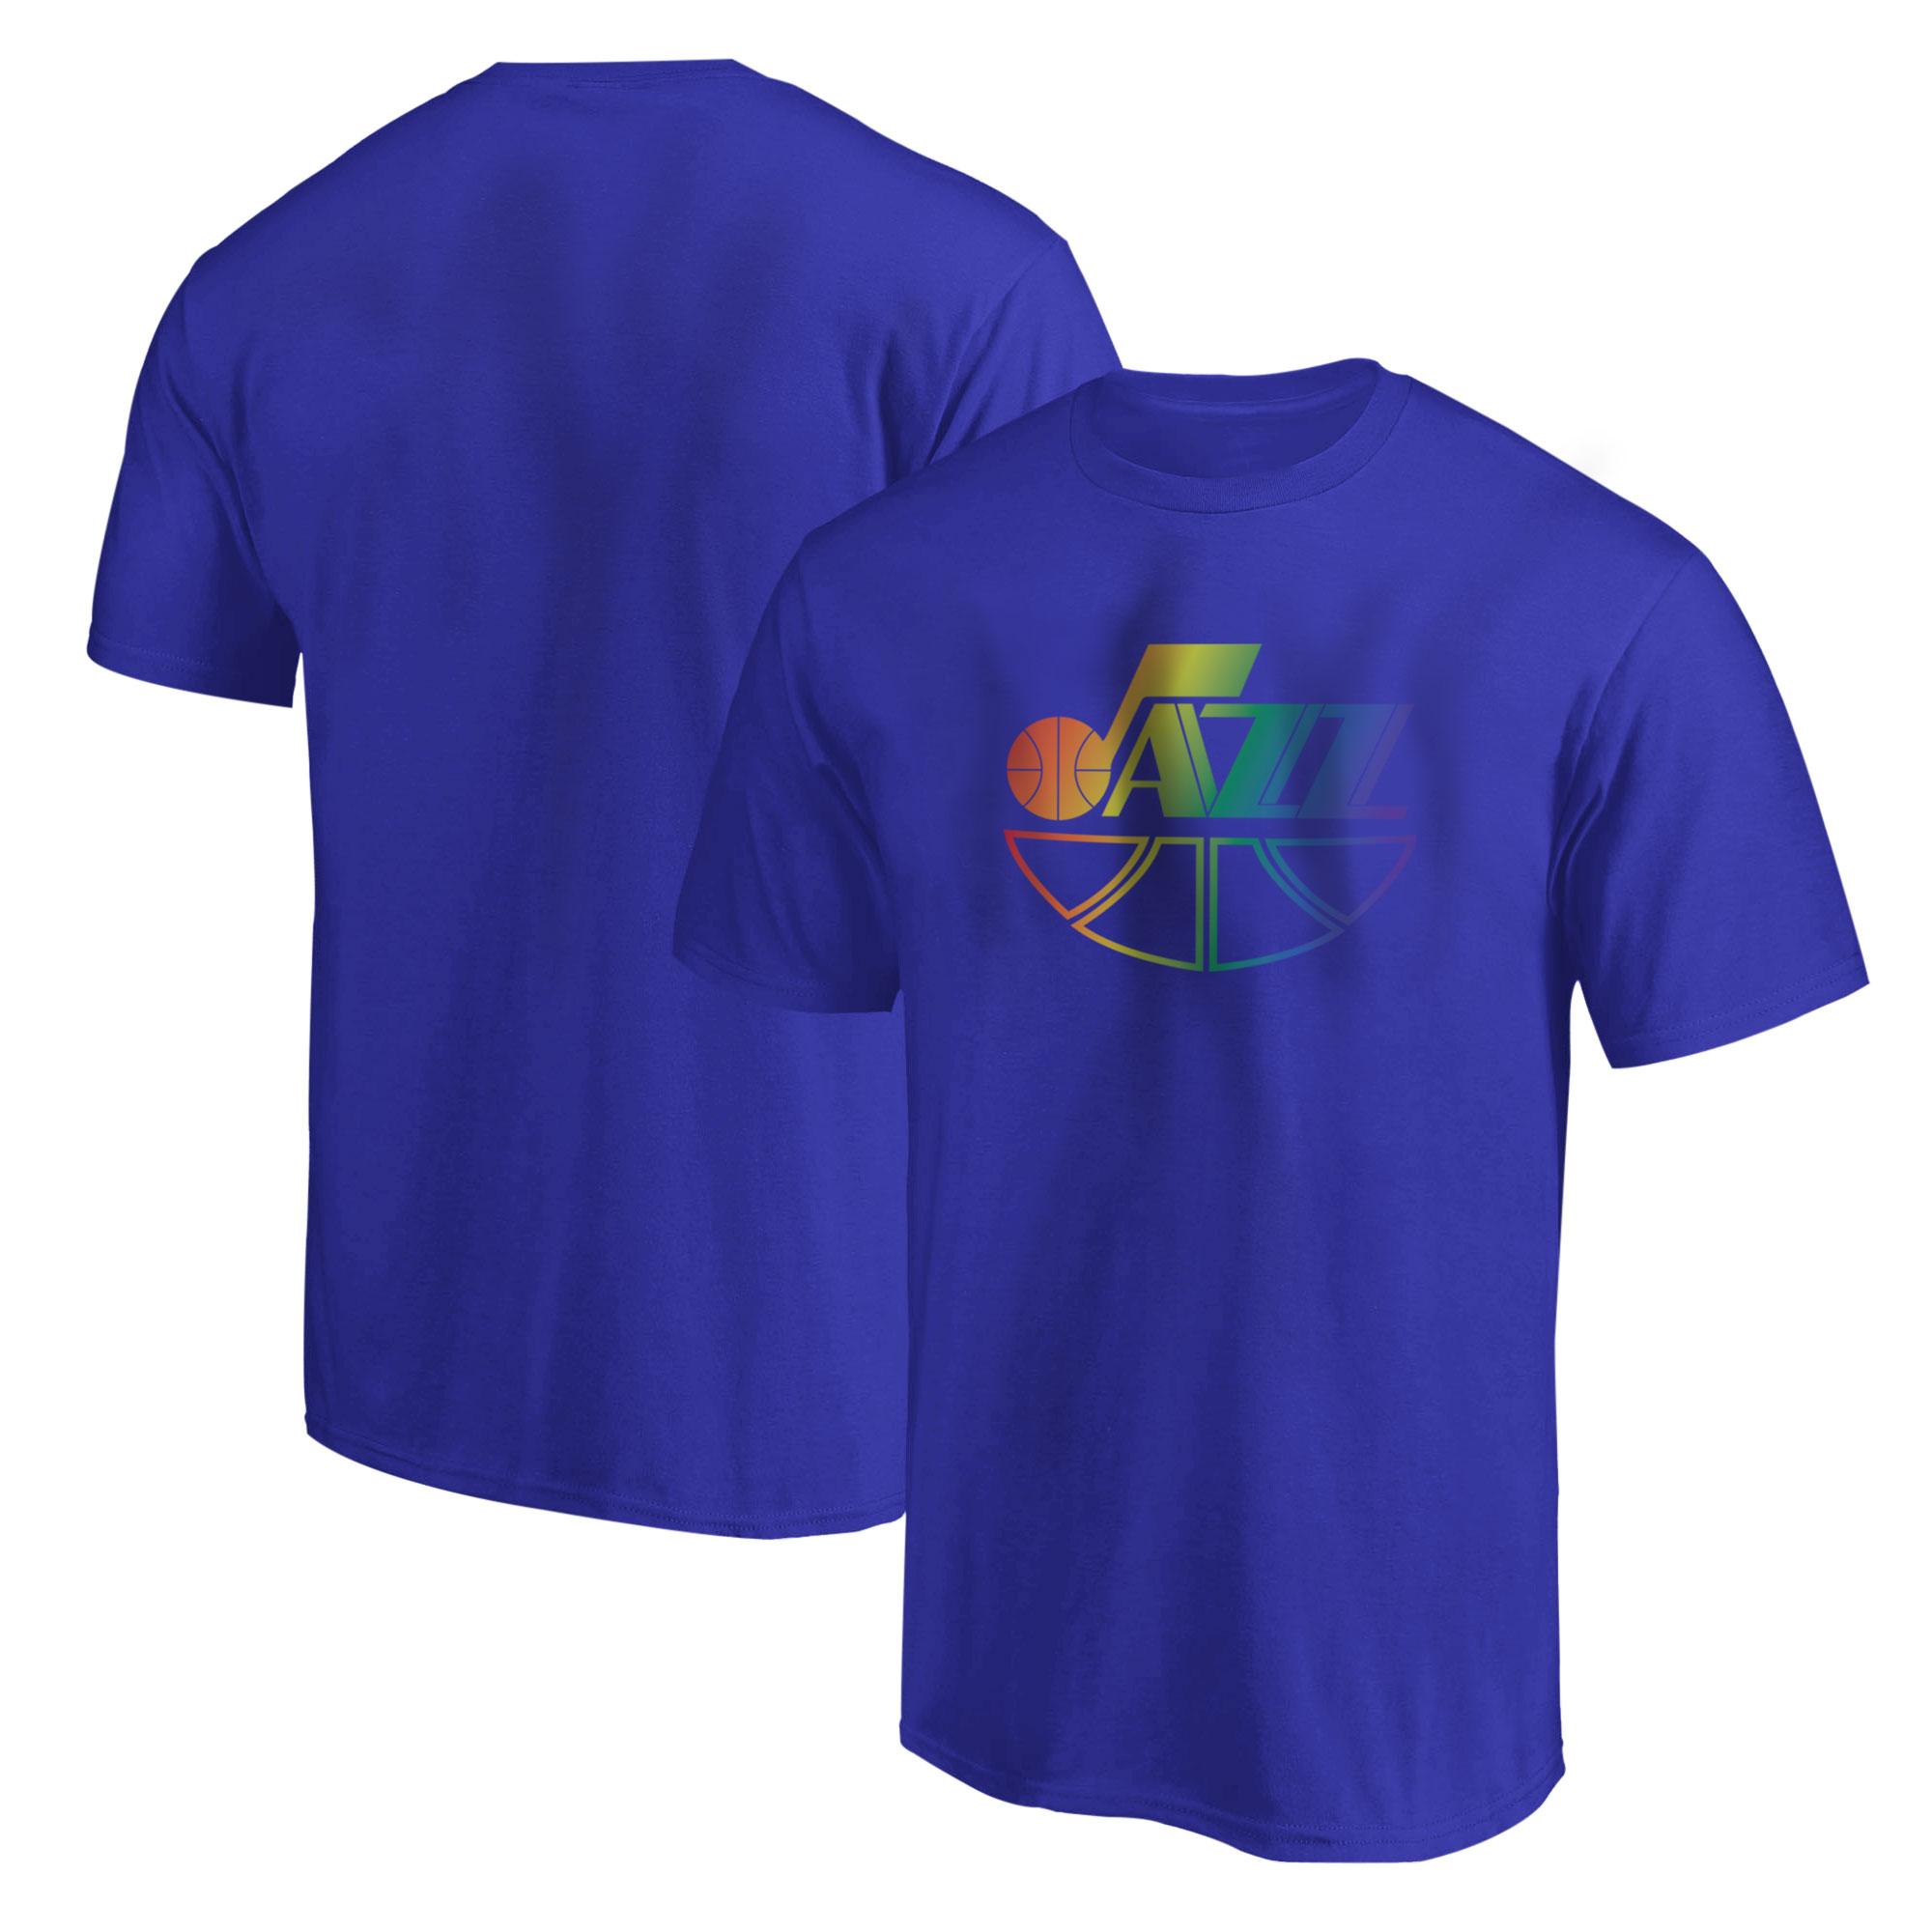 Utah Jazz  Tshirt (TSH-BLU-501-NBA-UTH)